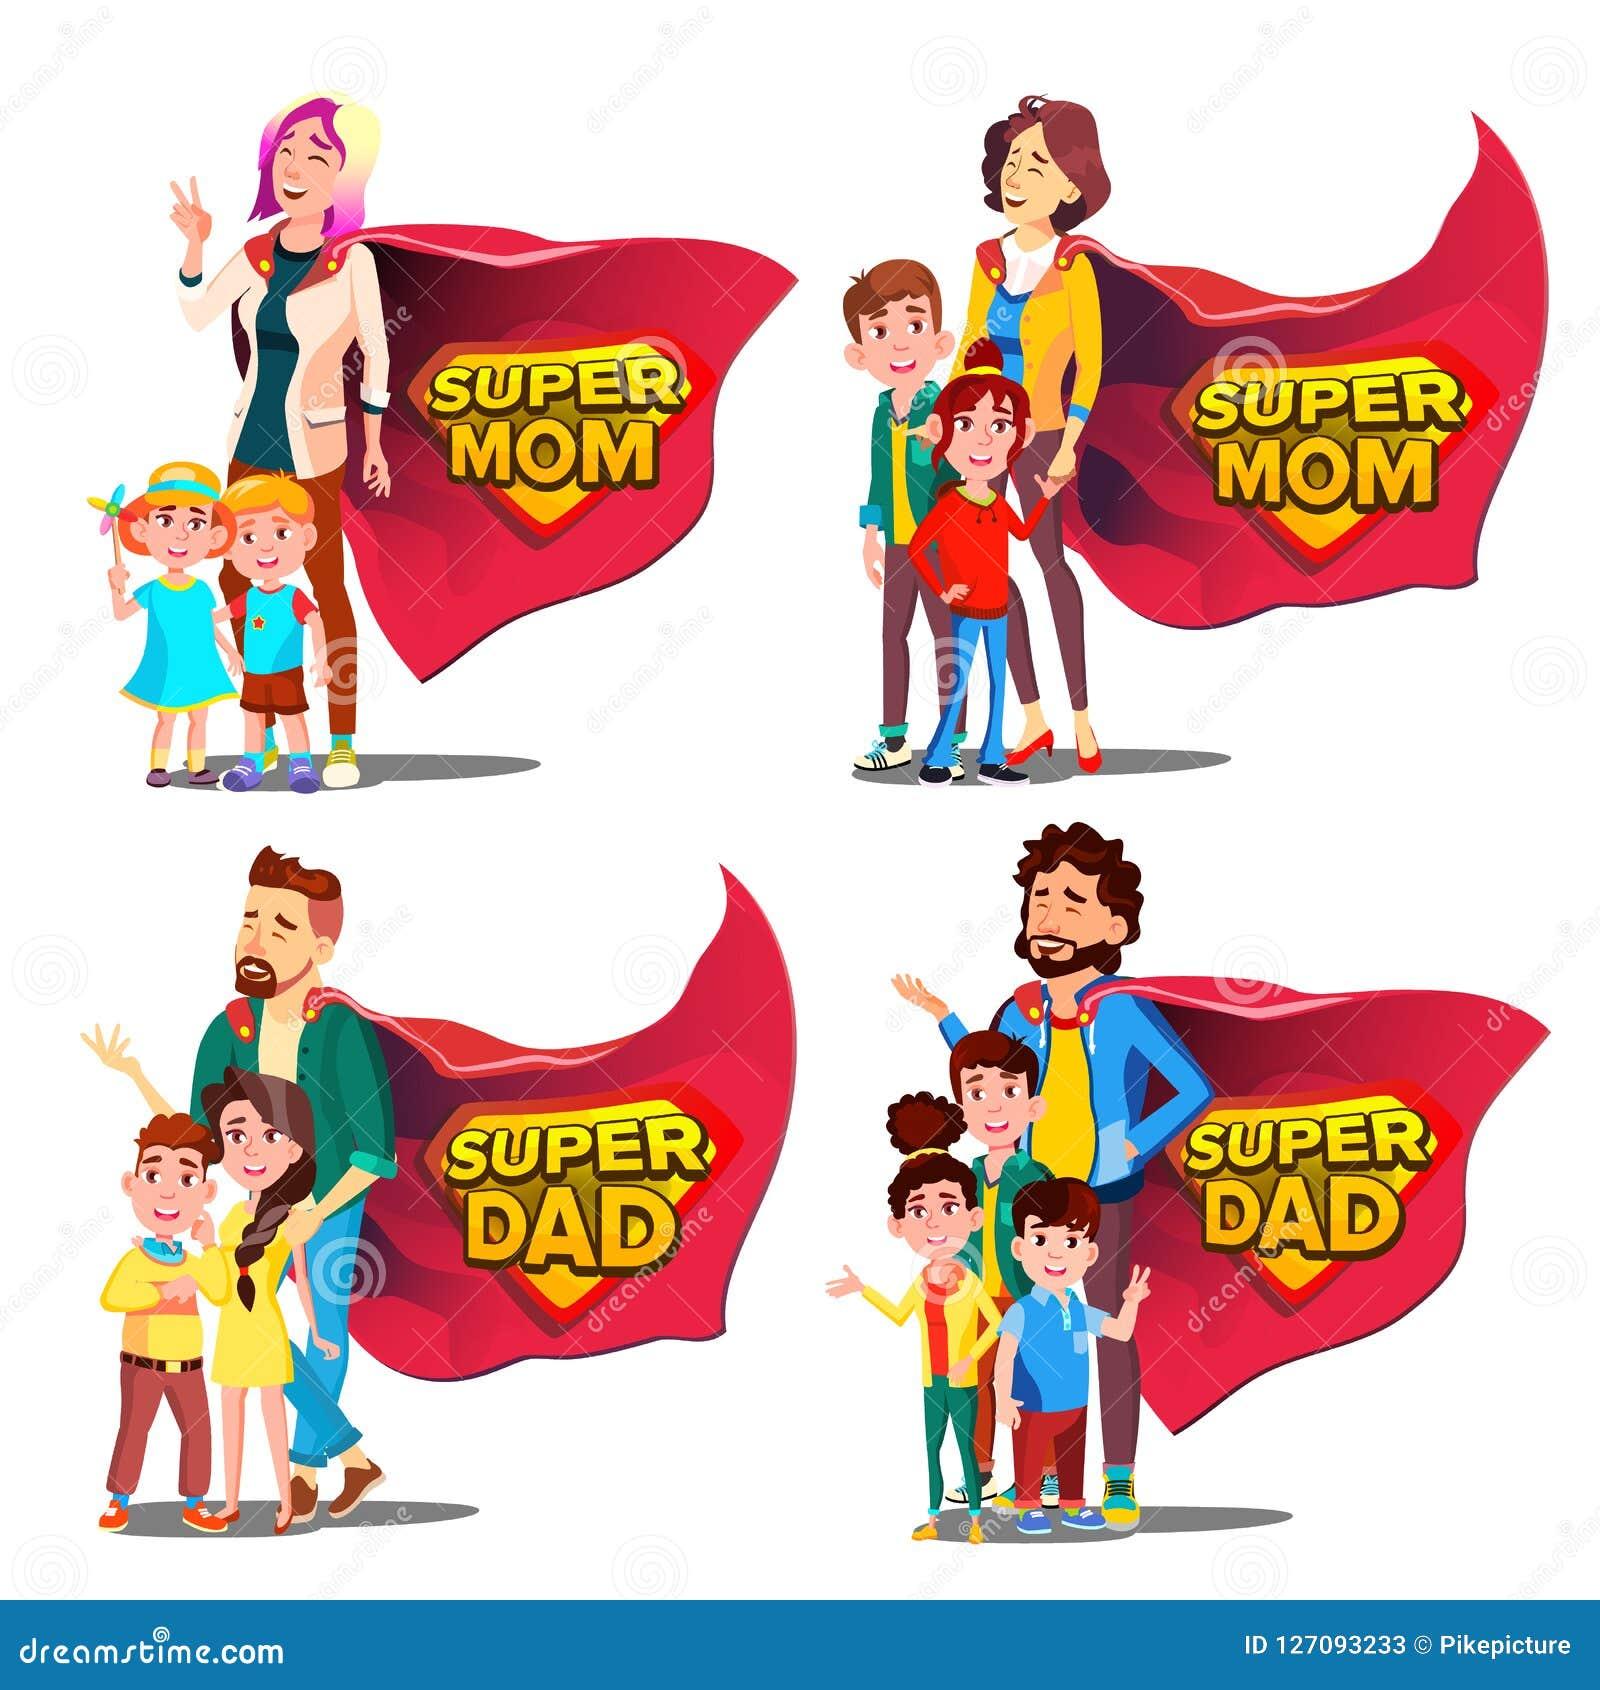 Έξοχος μπαμπάς, διάνυσμα Mom Μητέρα και πατέρας όπως τον έξοχο ήρωα με τα παιδιά Διακριτικό ασπίδων Απομονωμένα επίπεδα κινούμενα